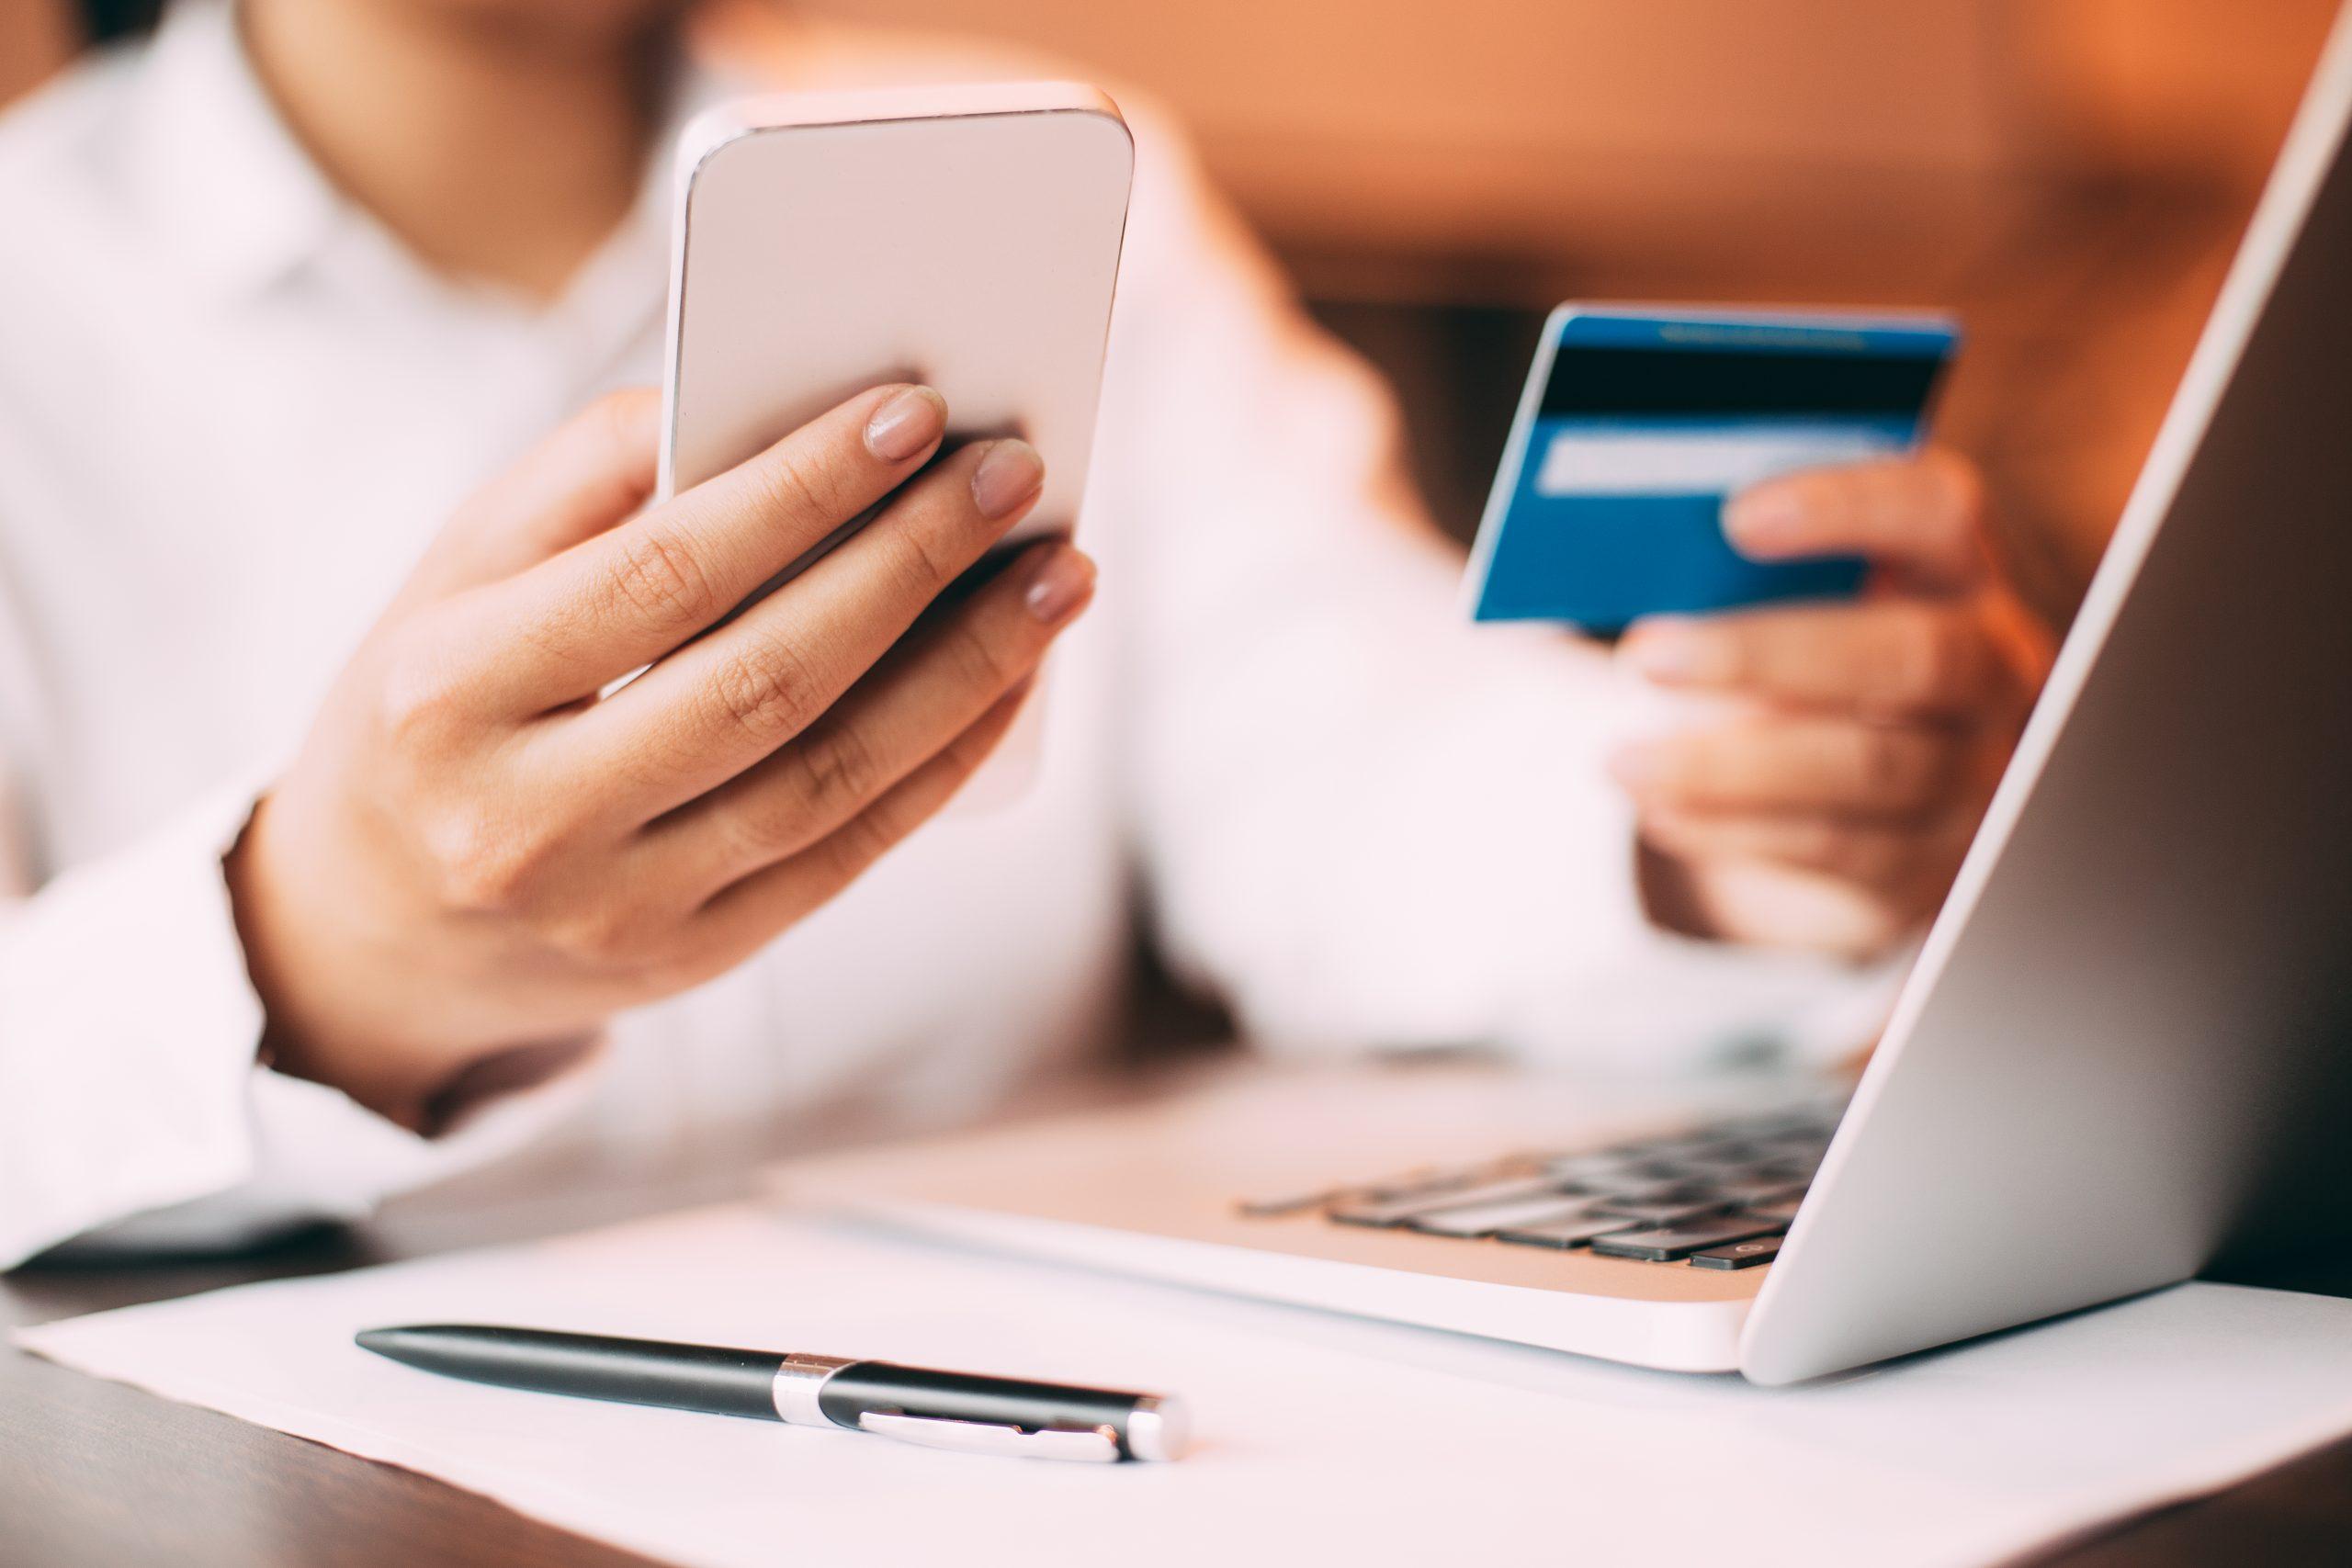 Segurança com cartão de crédito - pessoa fazendo compra online com o cartão de crédito